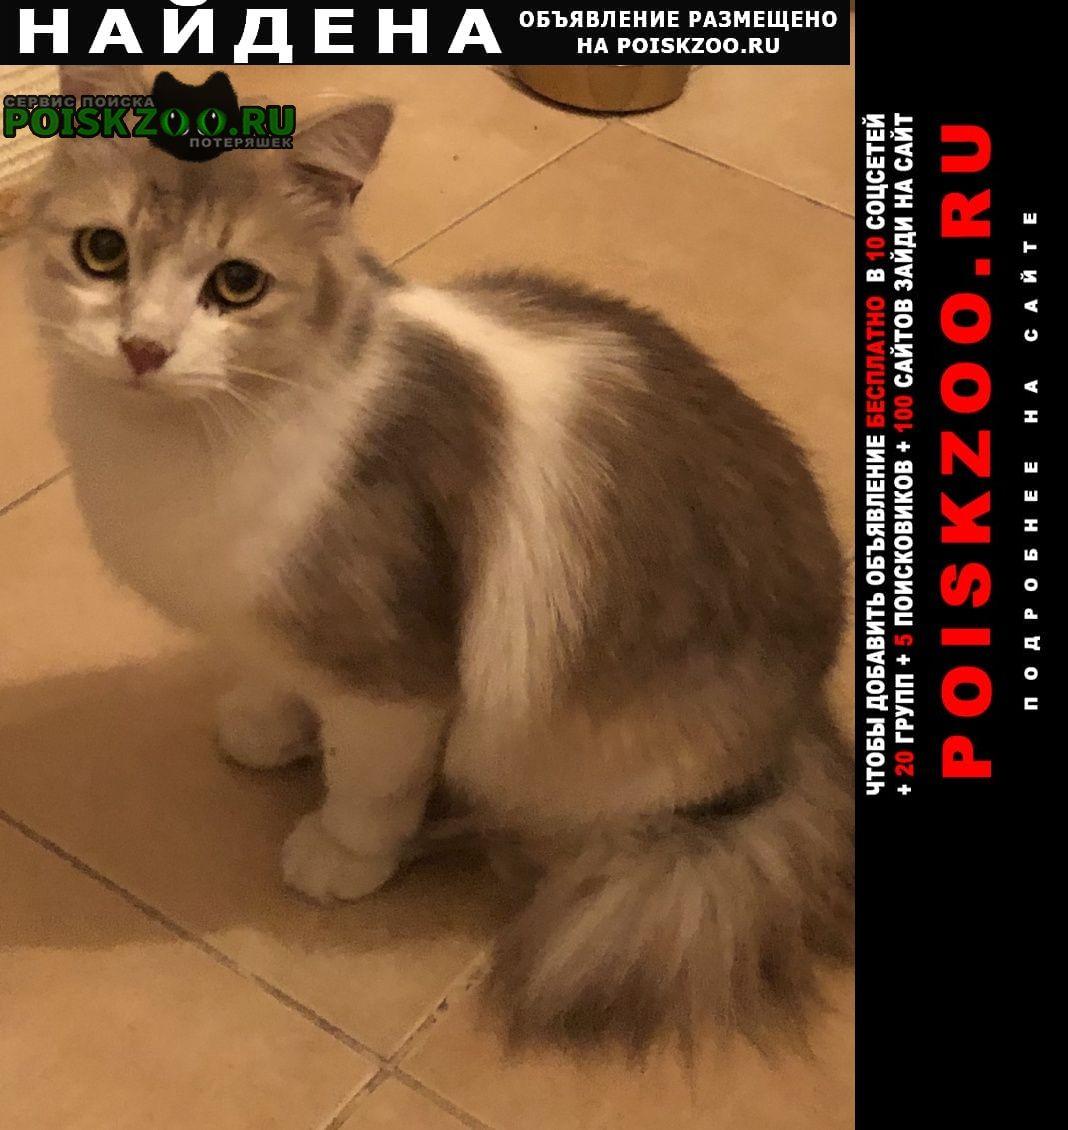 Найдена кошка в районе улицы удальцова 87 Москва